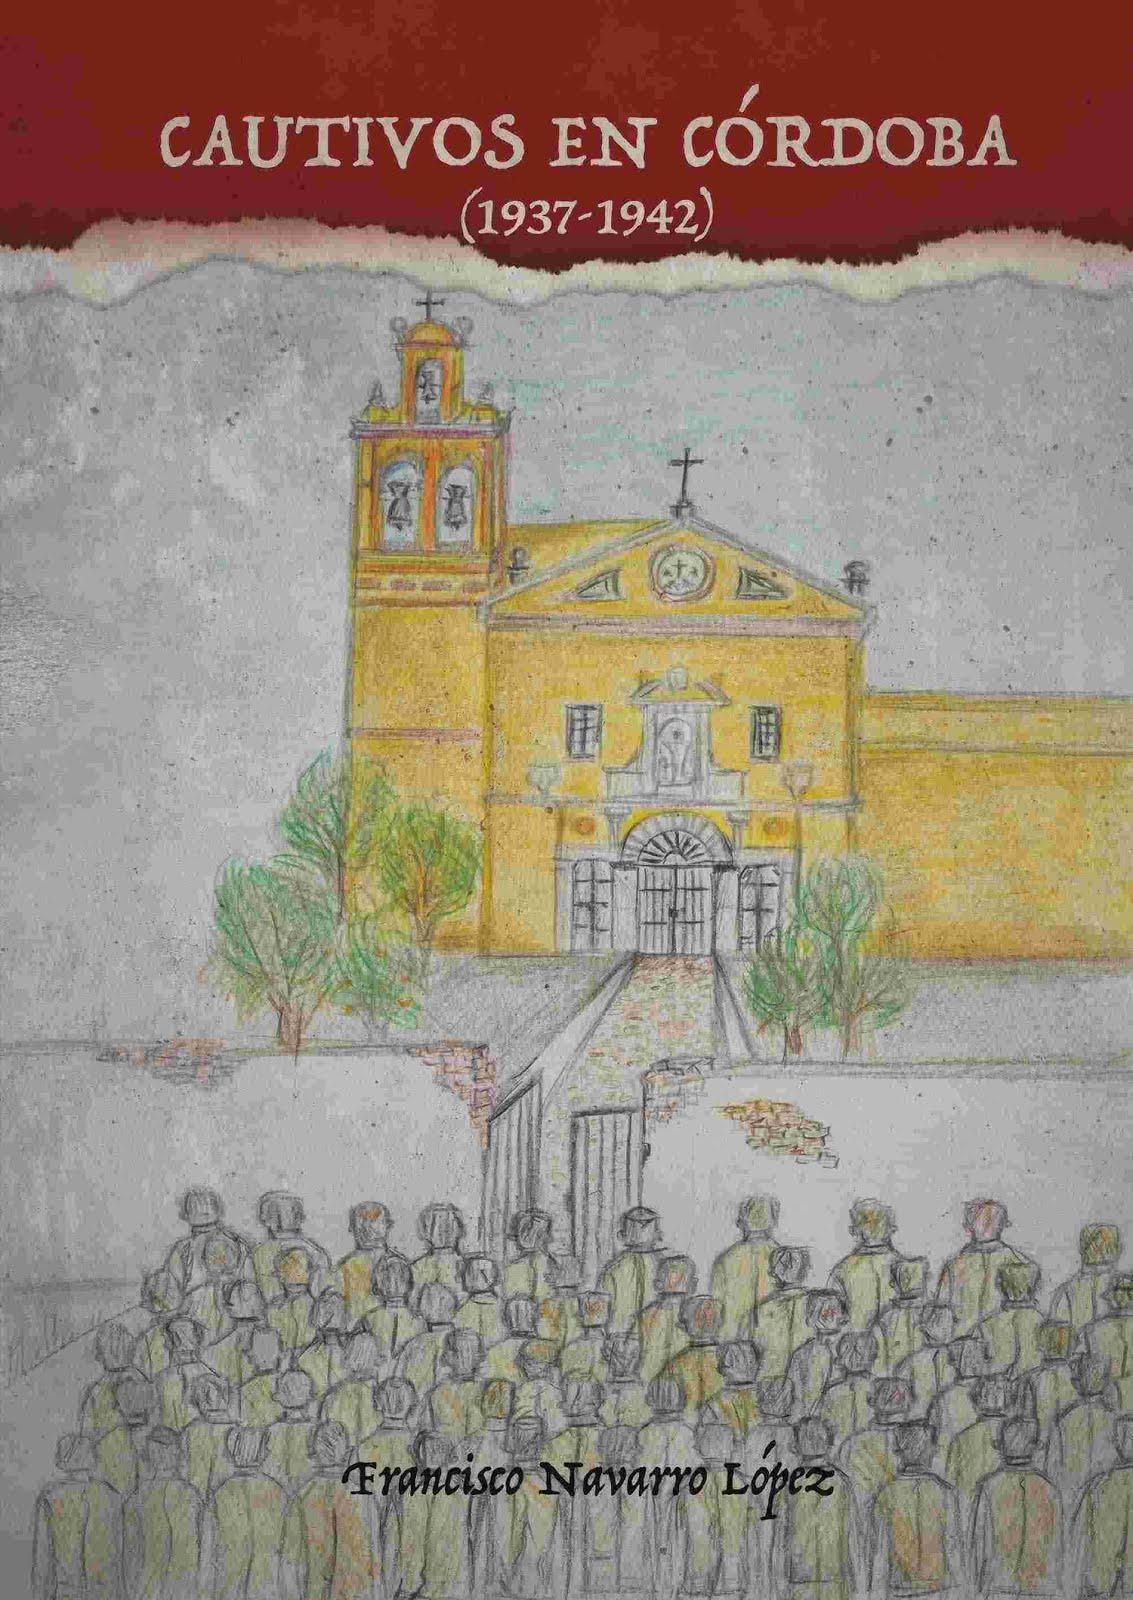 Cautivos de Córdoba